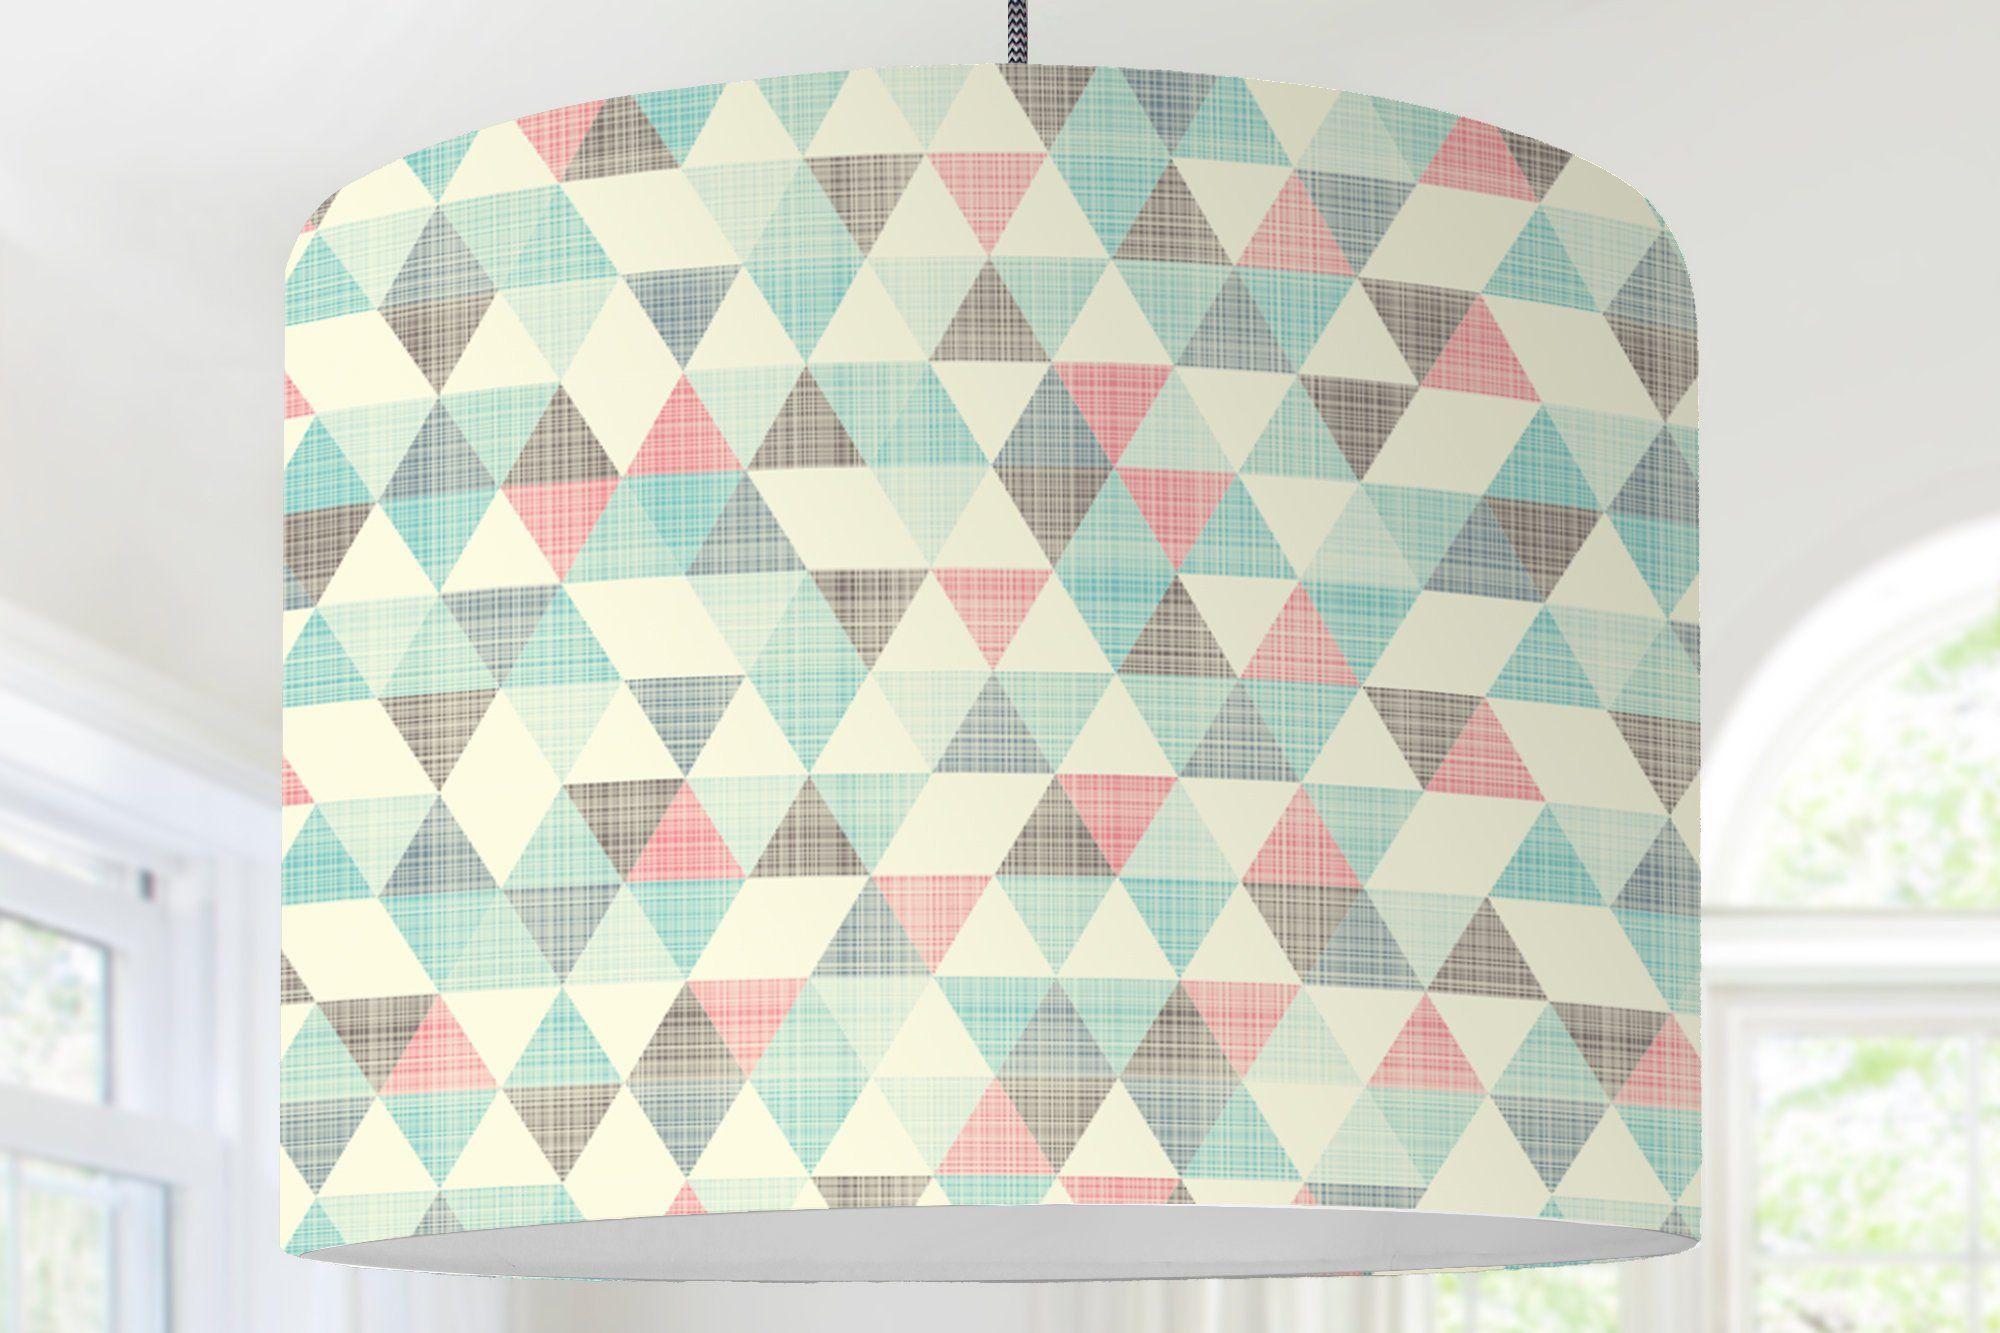 Lampenschirm Kinderzimmer Wohnzimmer Design (mit Bildern